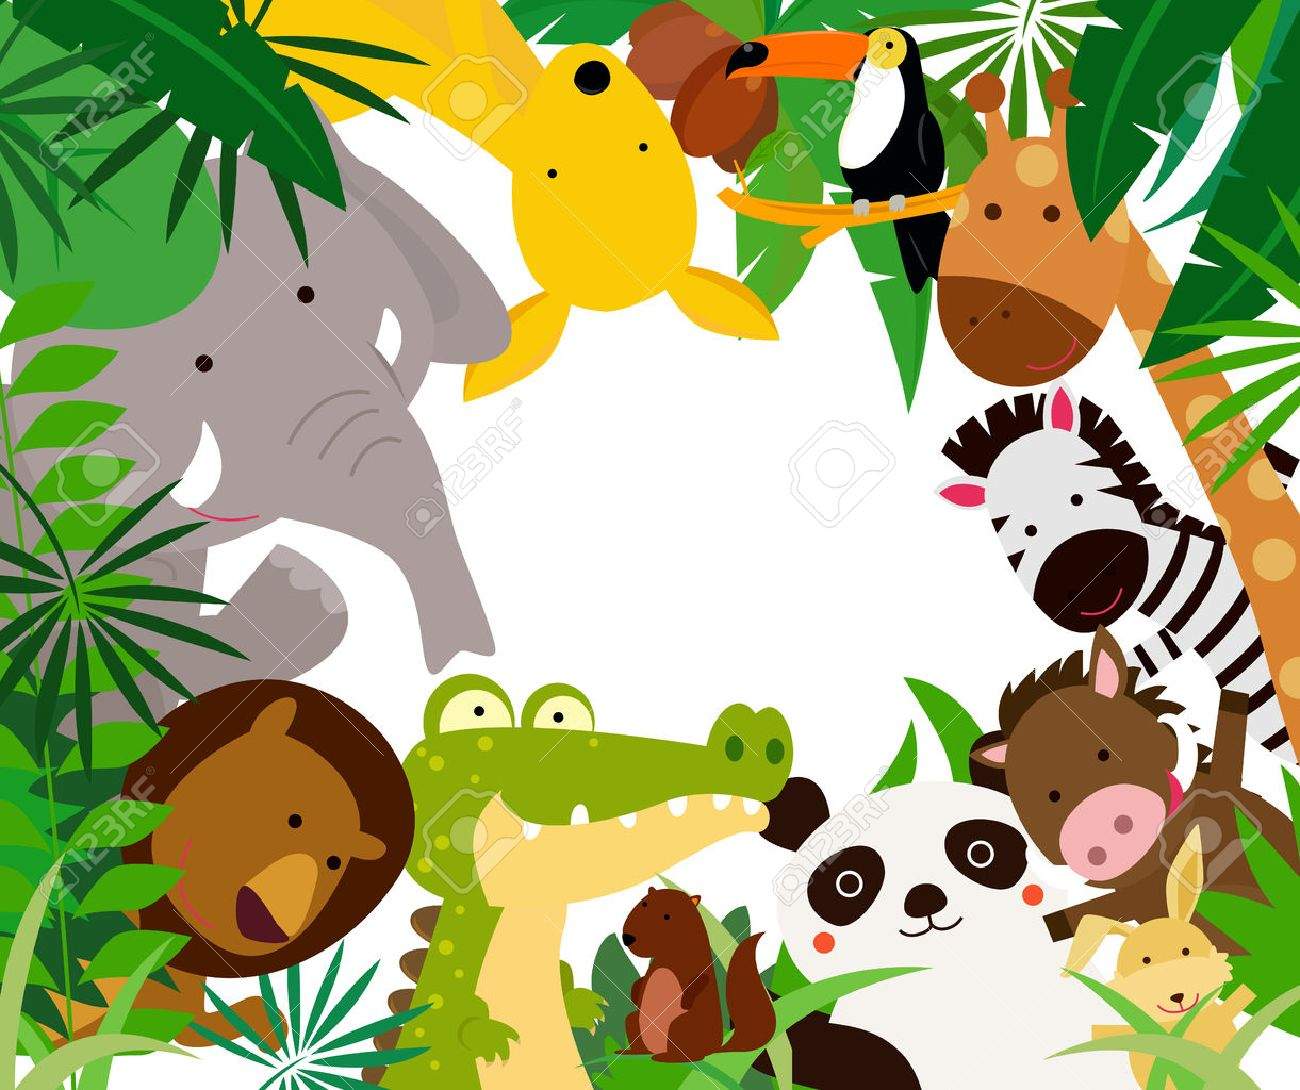 Fun Jungle Animals Border - 44668432